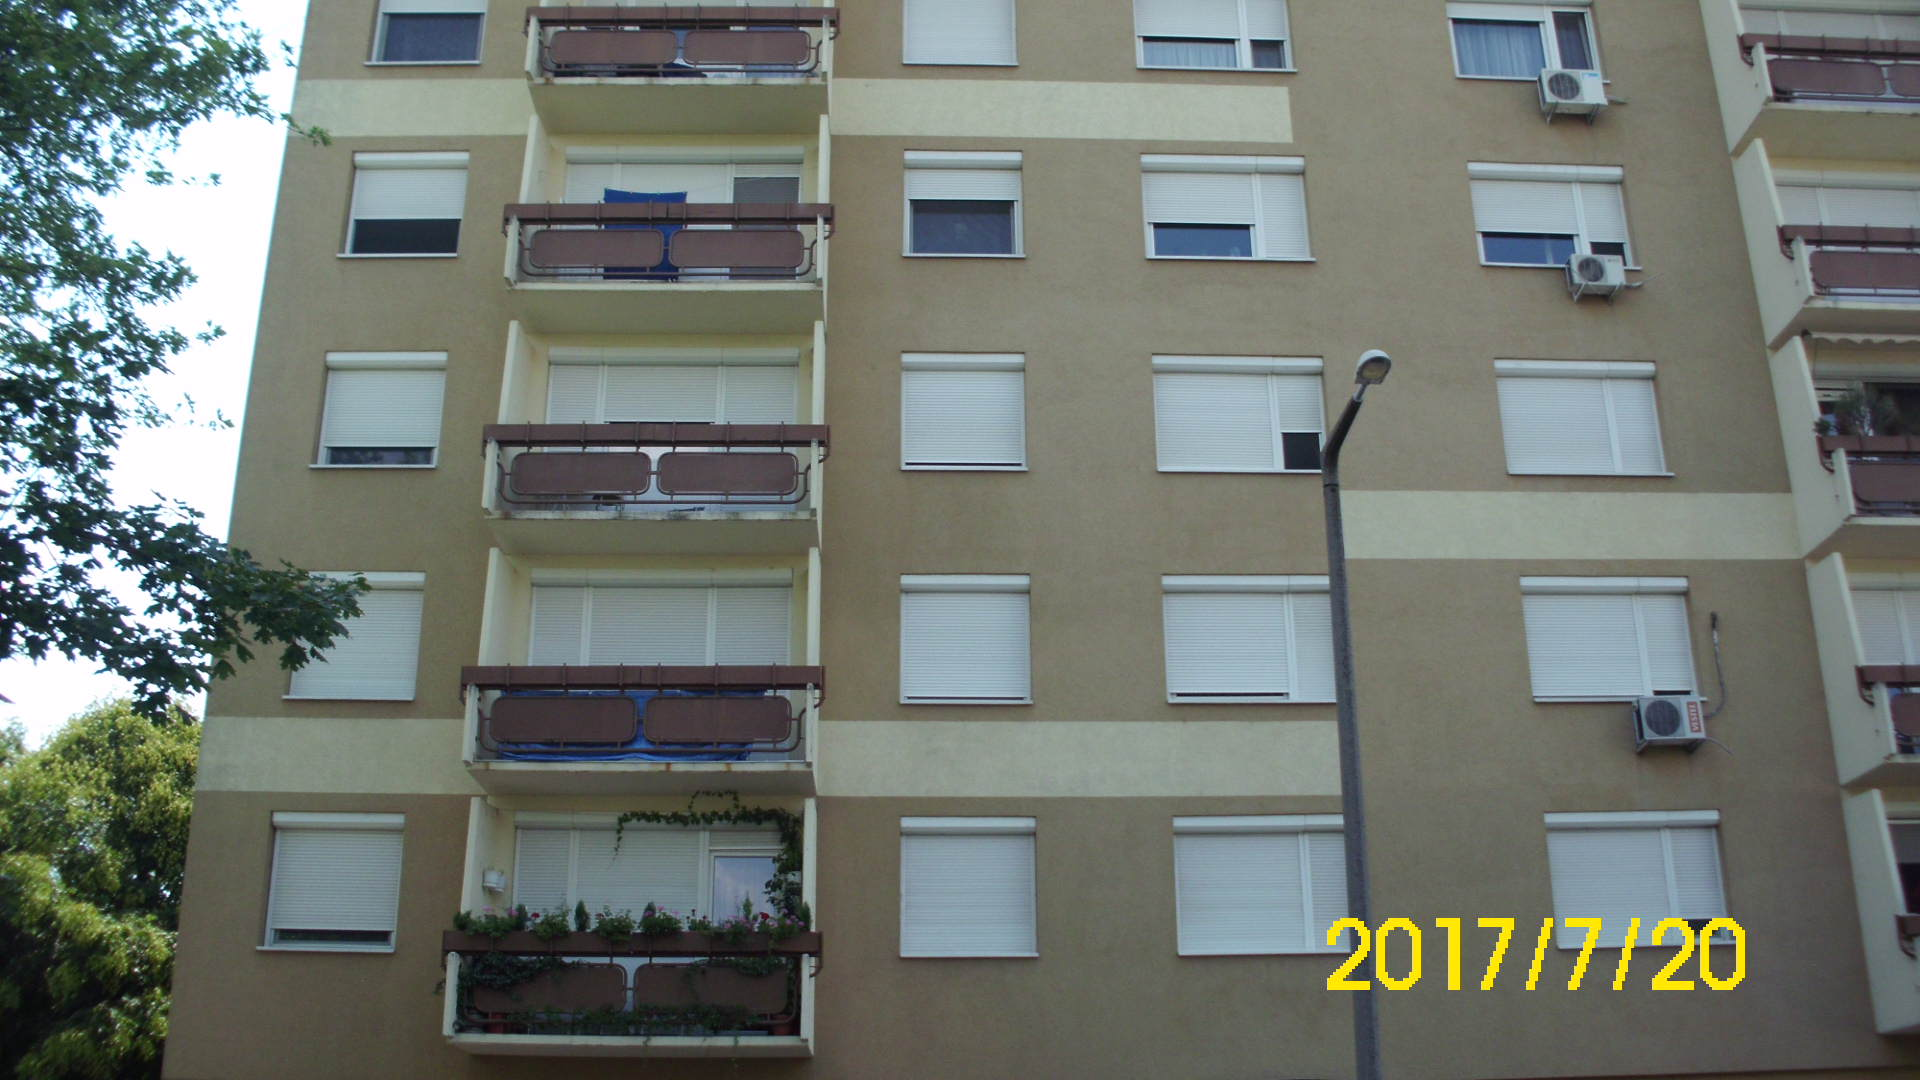 Liftes épületben negyedik emeleti erkélyes kettő szobás lakás